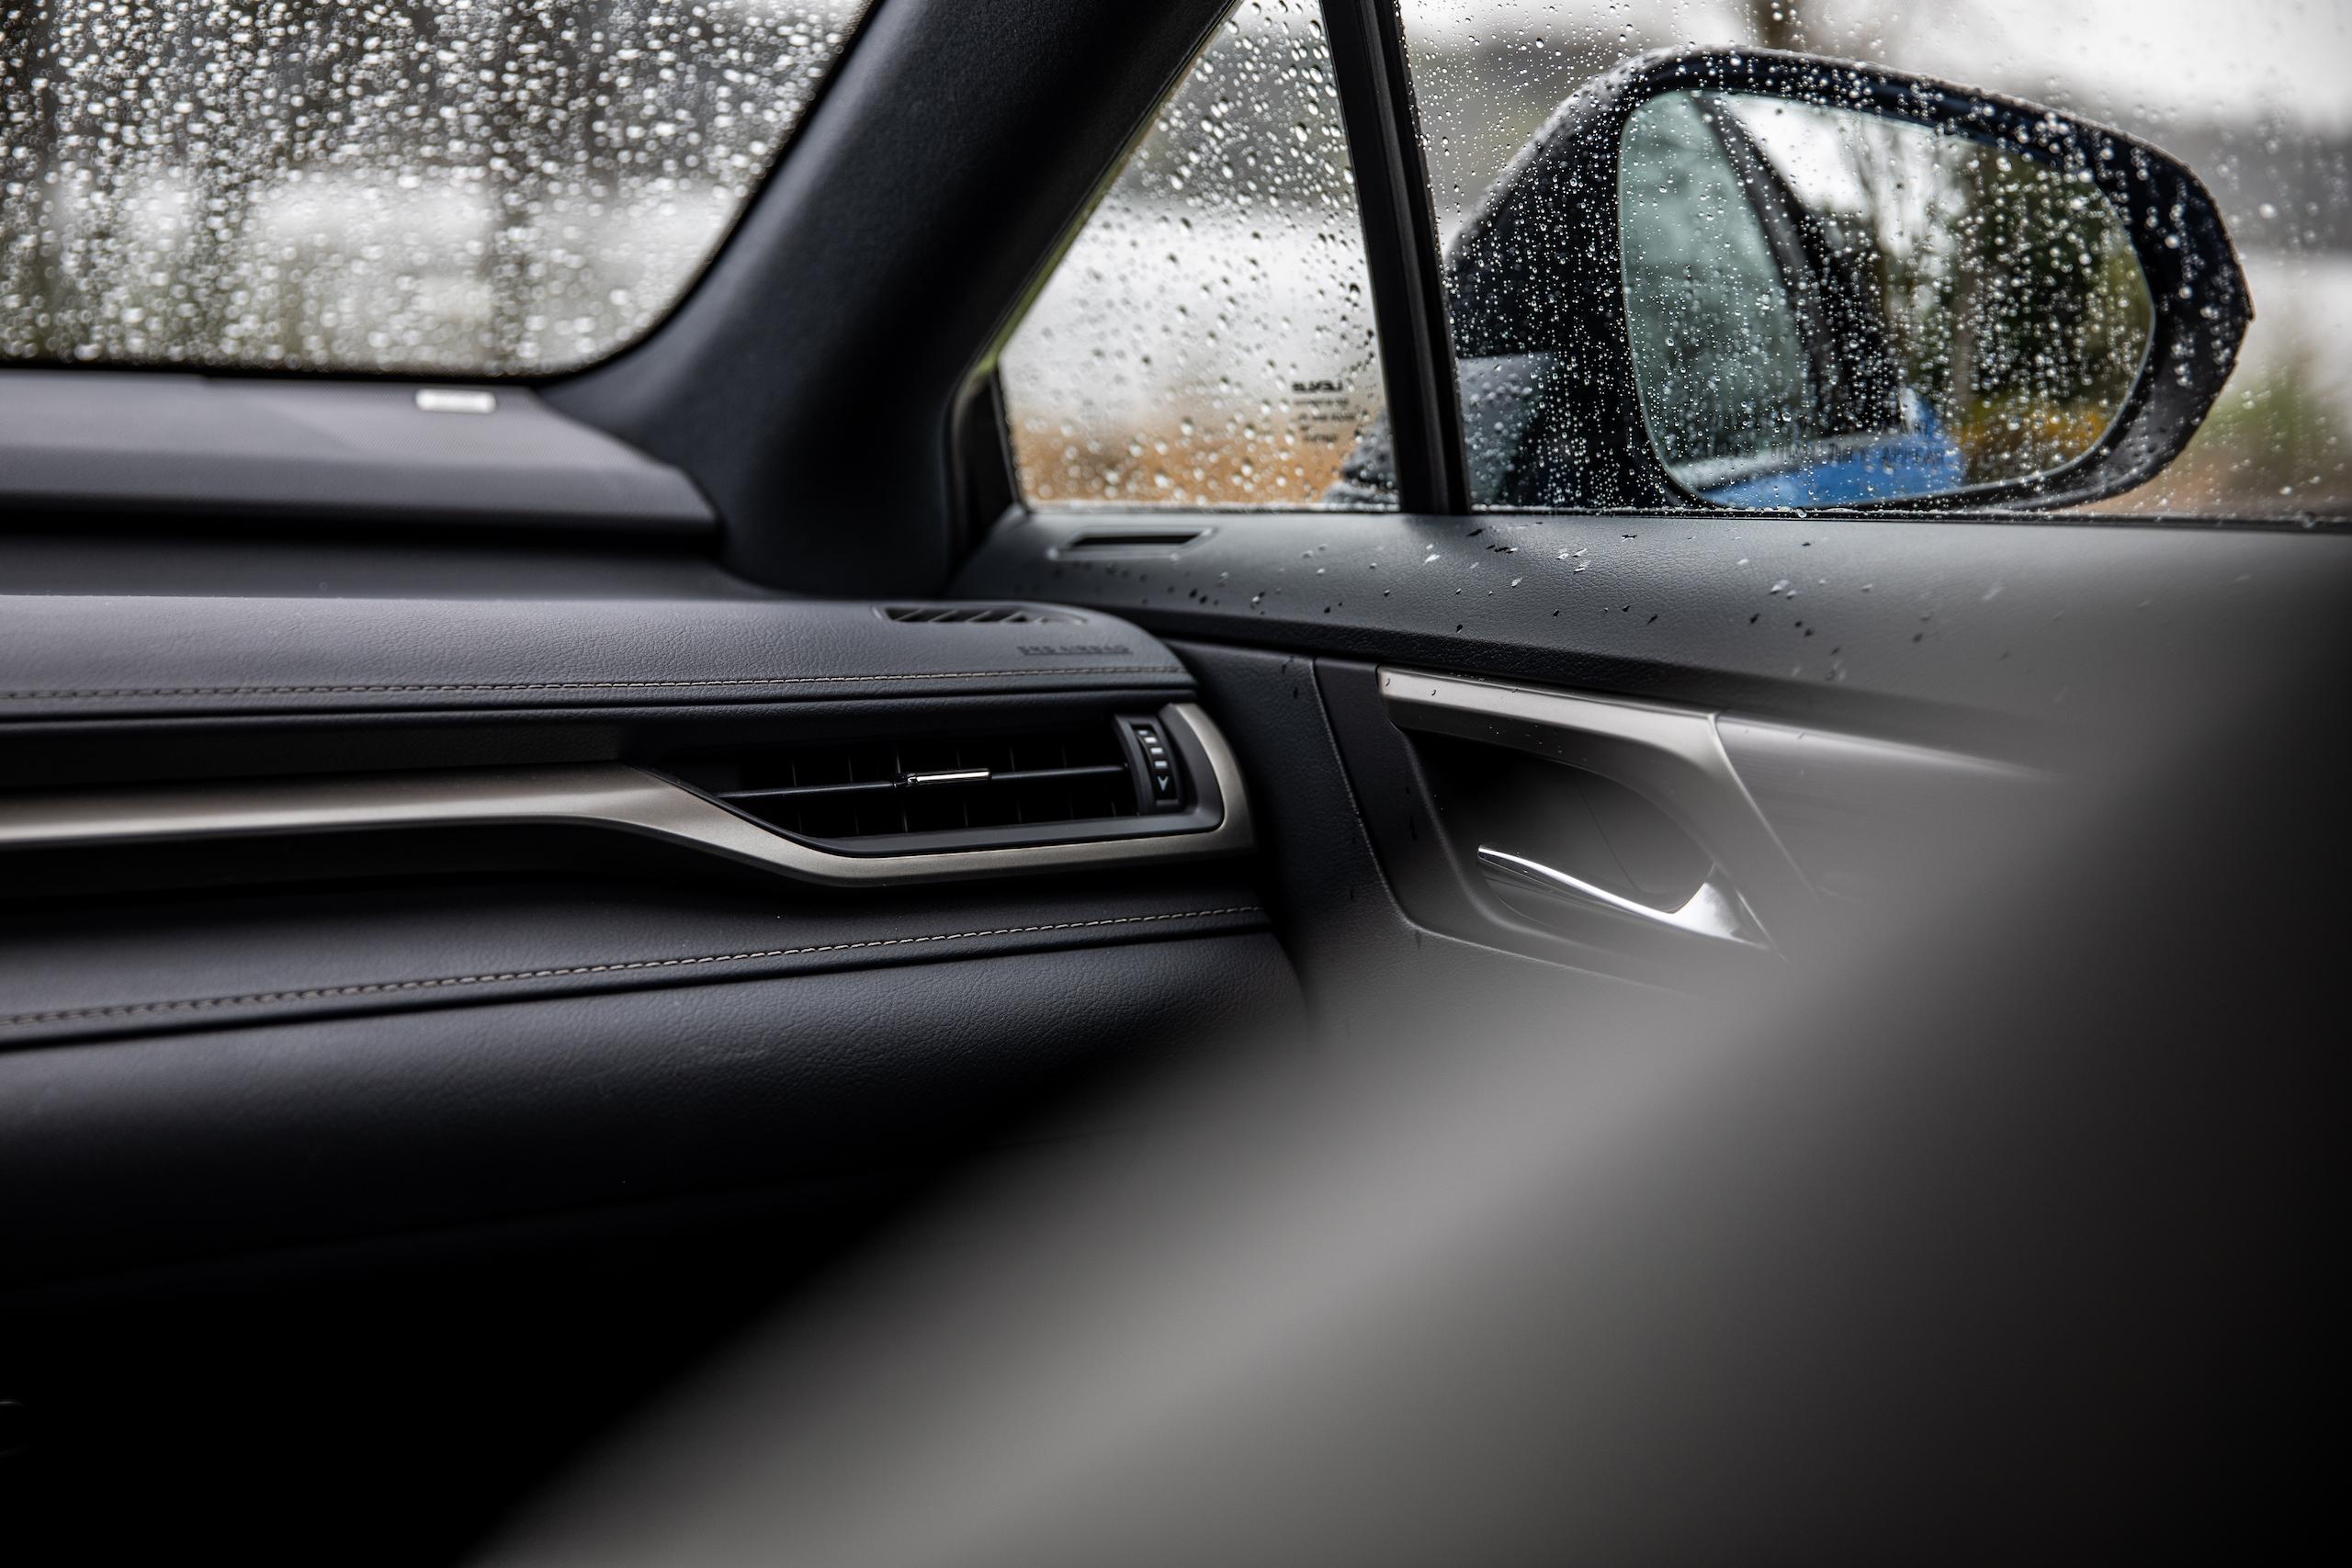 2021 Lexus RX450h interior passenger dash trim